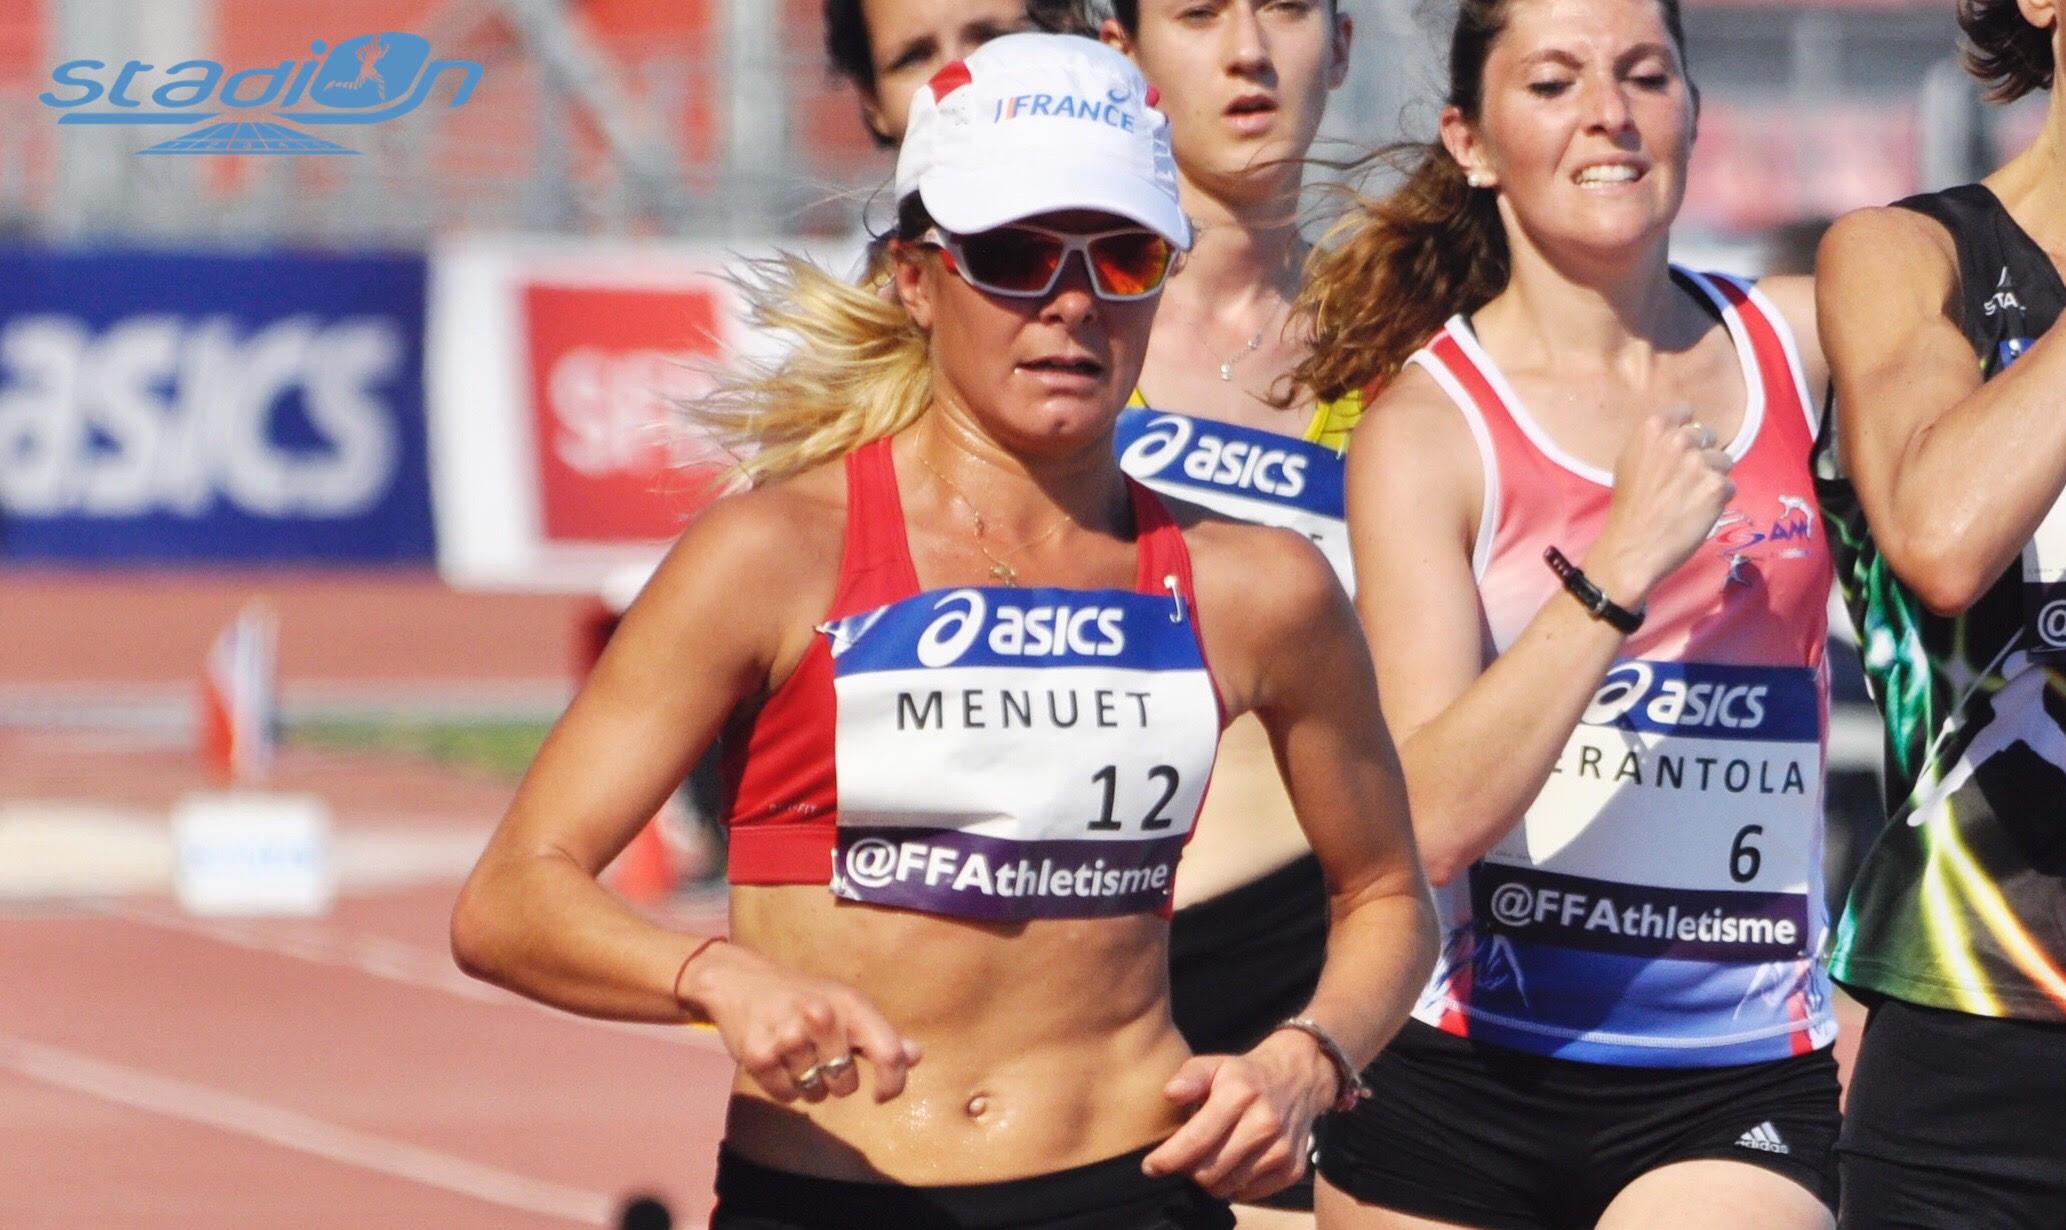 Championnats de France de marche : Gabriel Bordier et Emilie Menuet victorieux